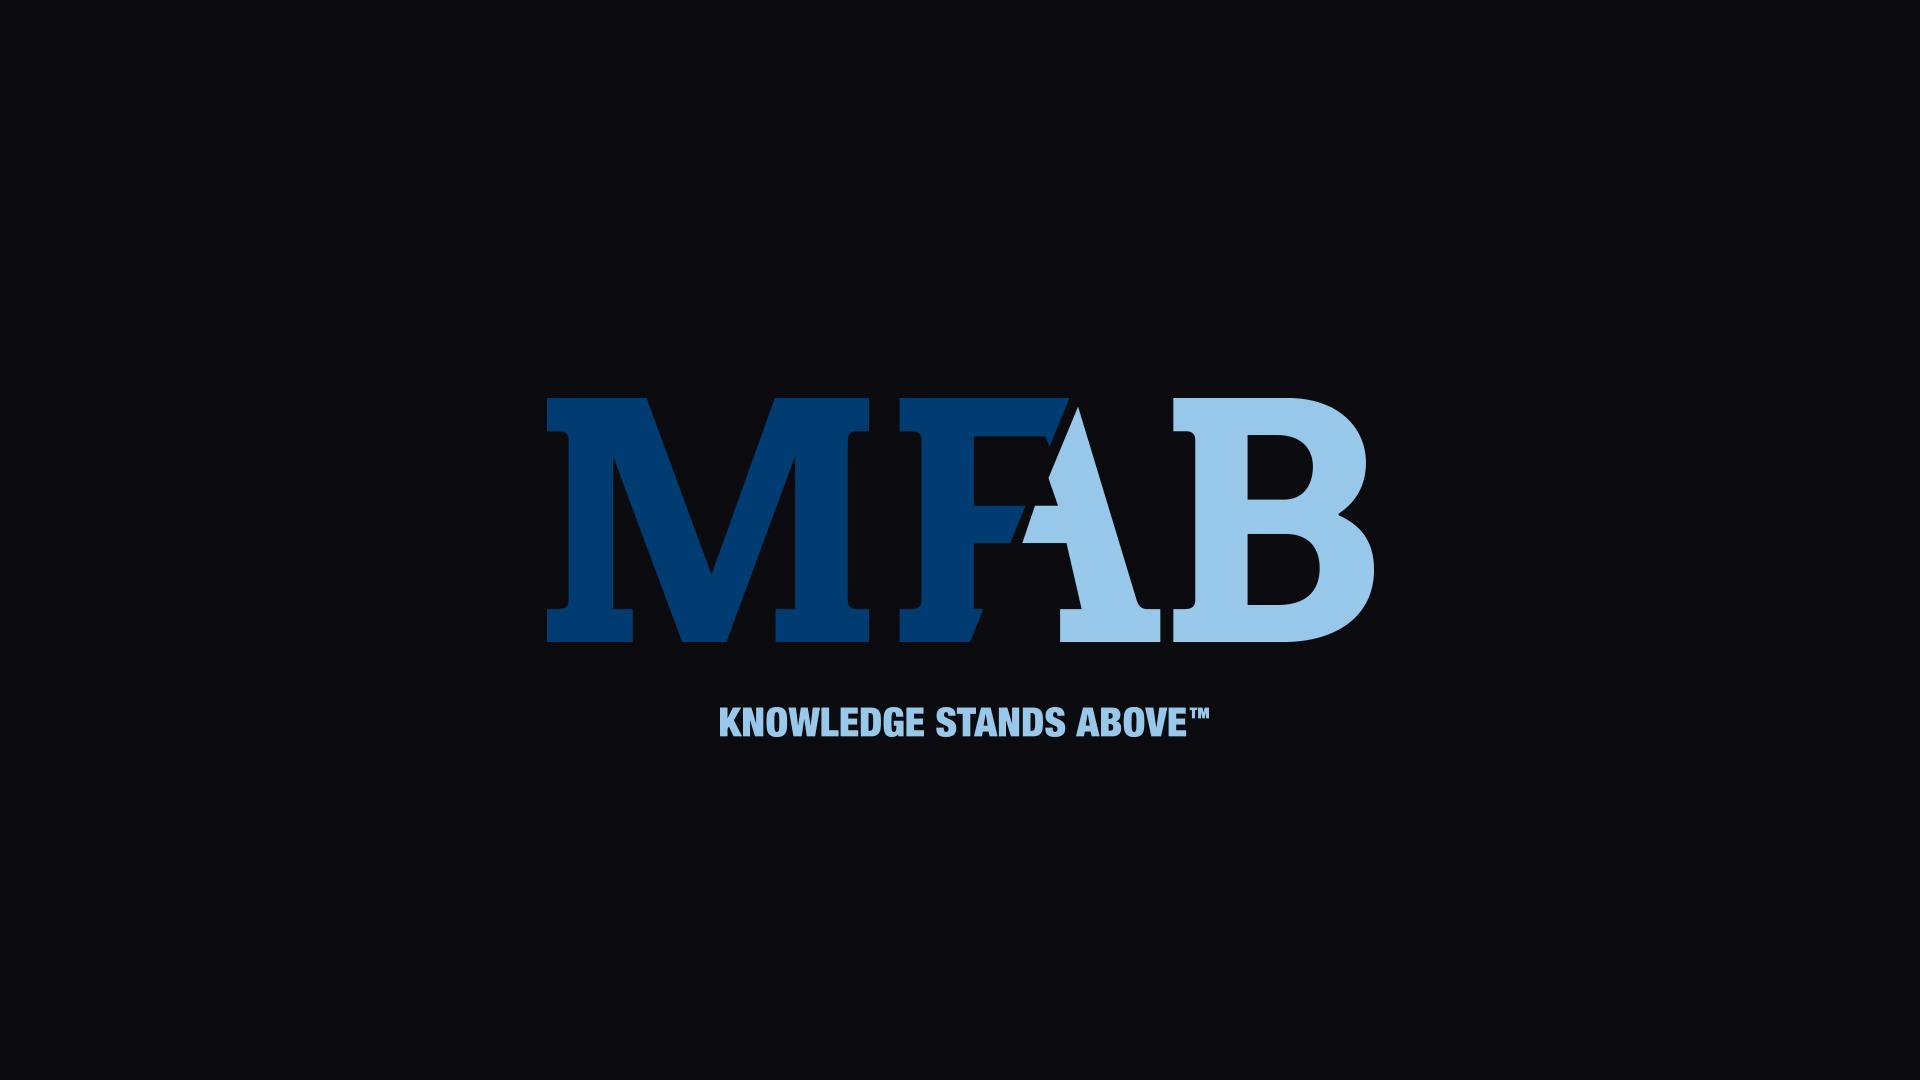 MFAB_logo.jpg